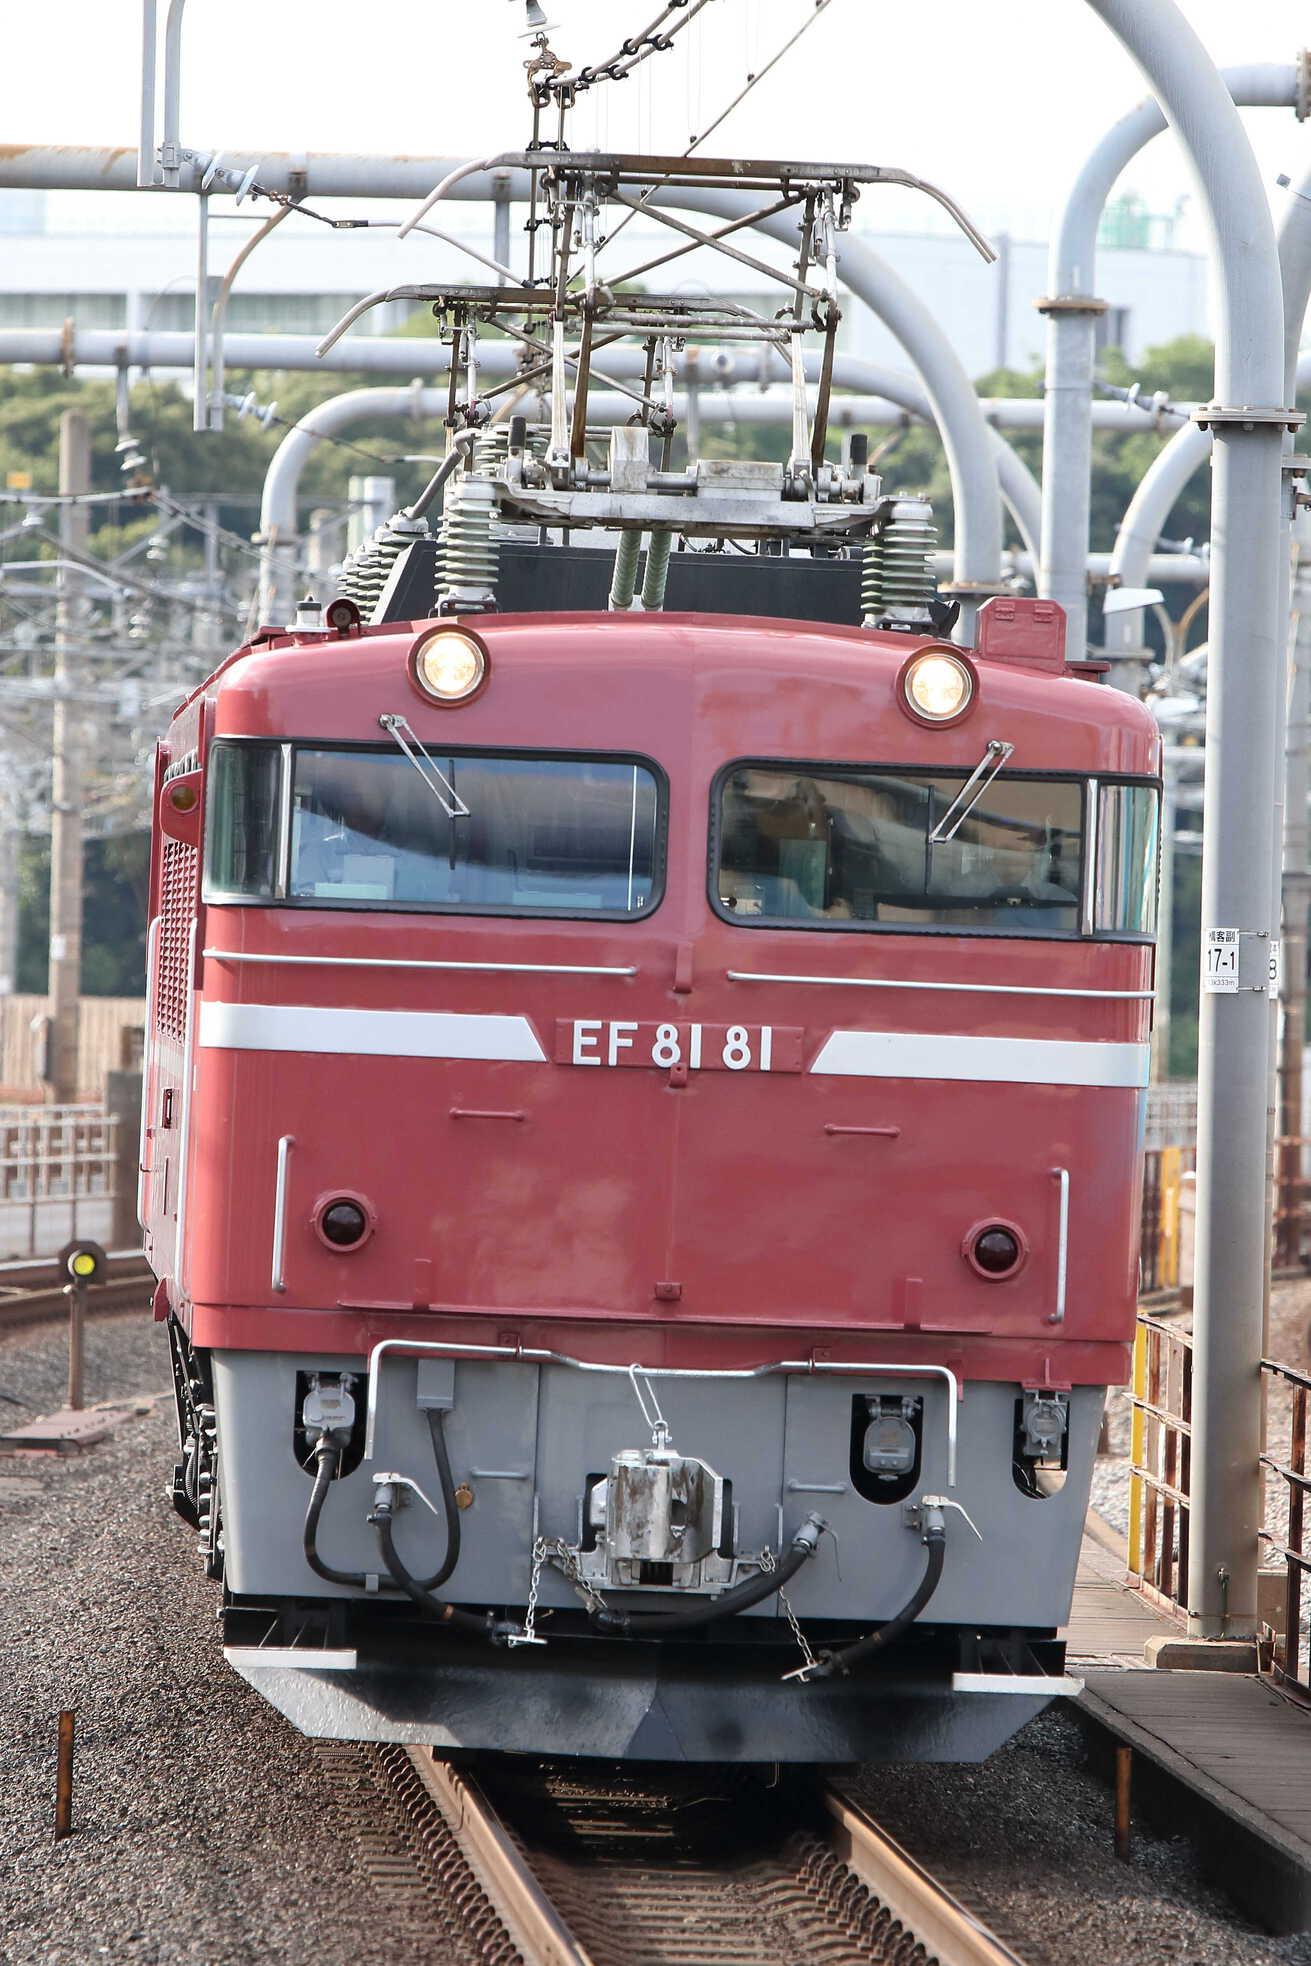 試単9502列車 田端運転所EL転換訓練 EF81-81[田]